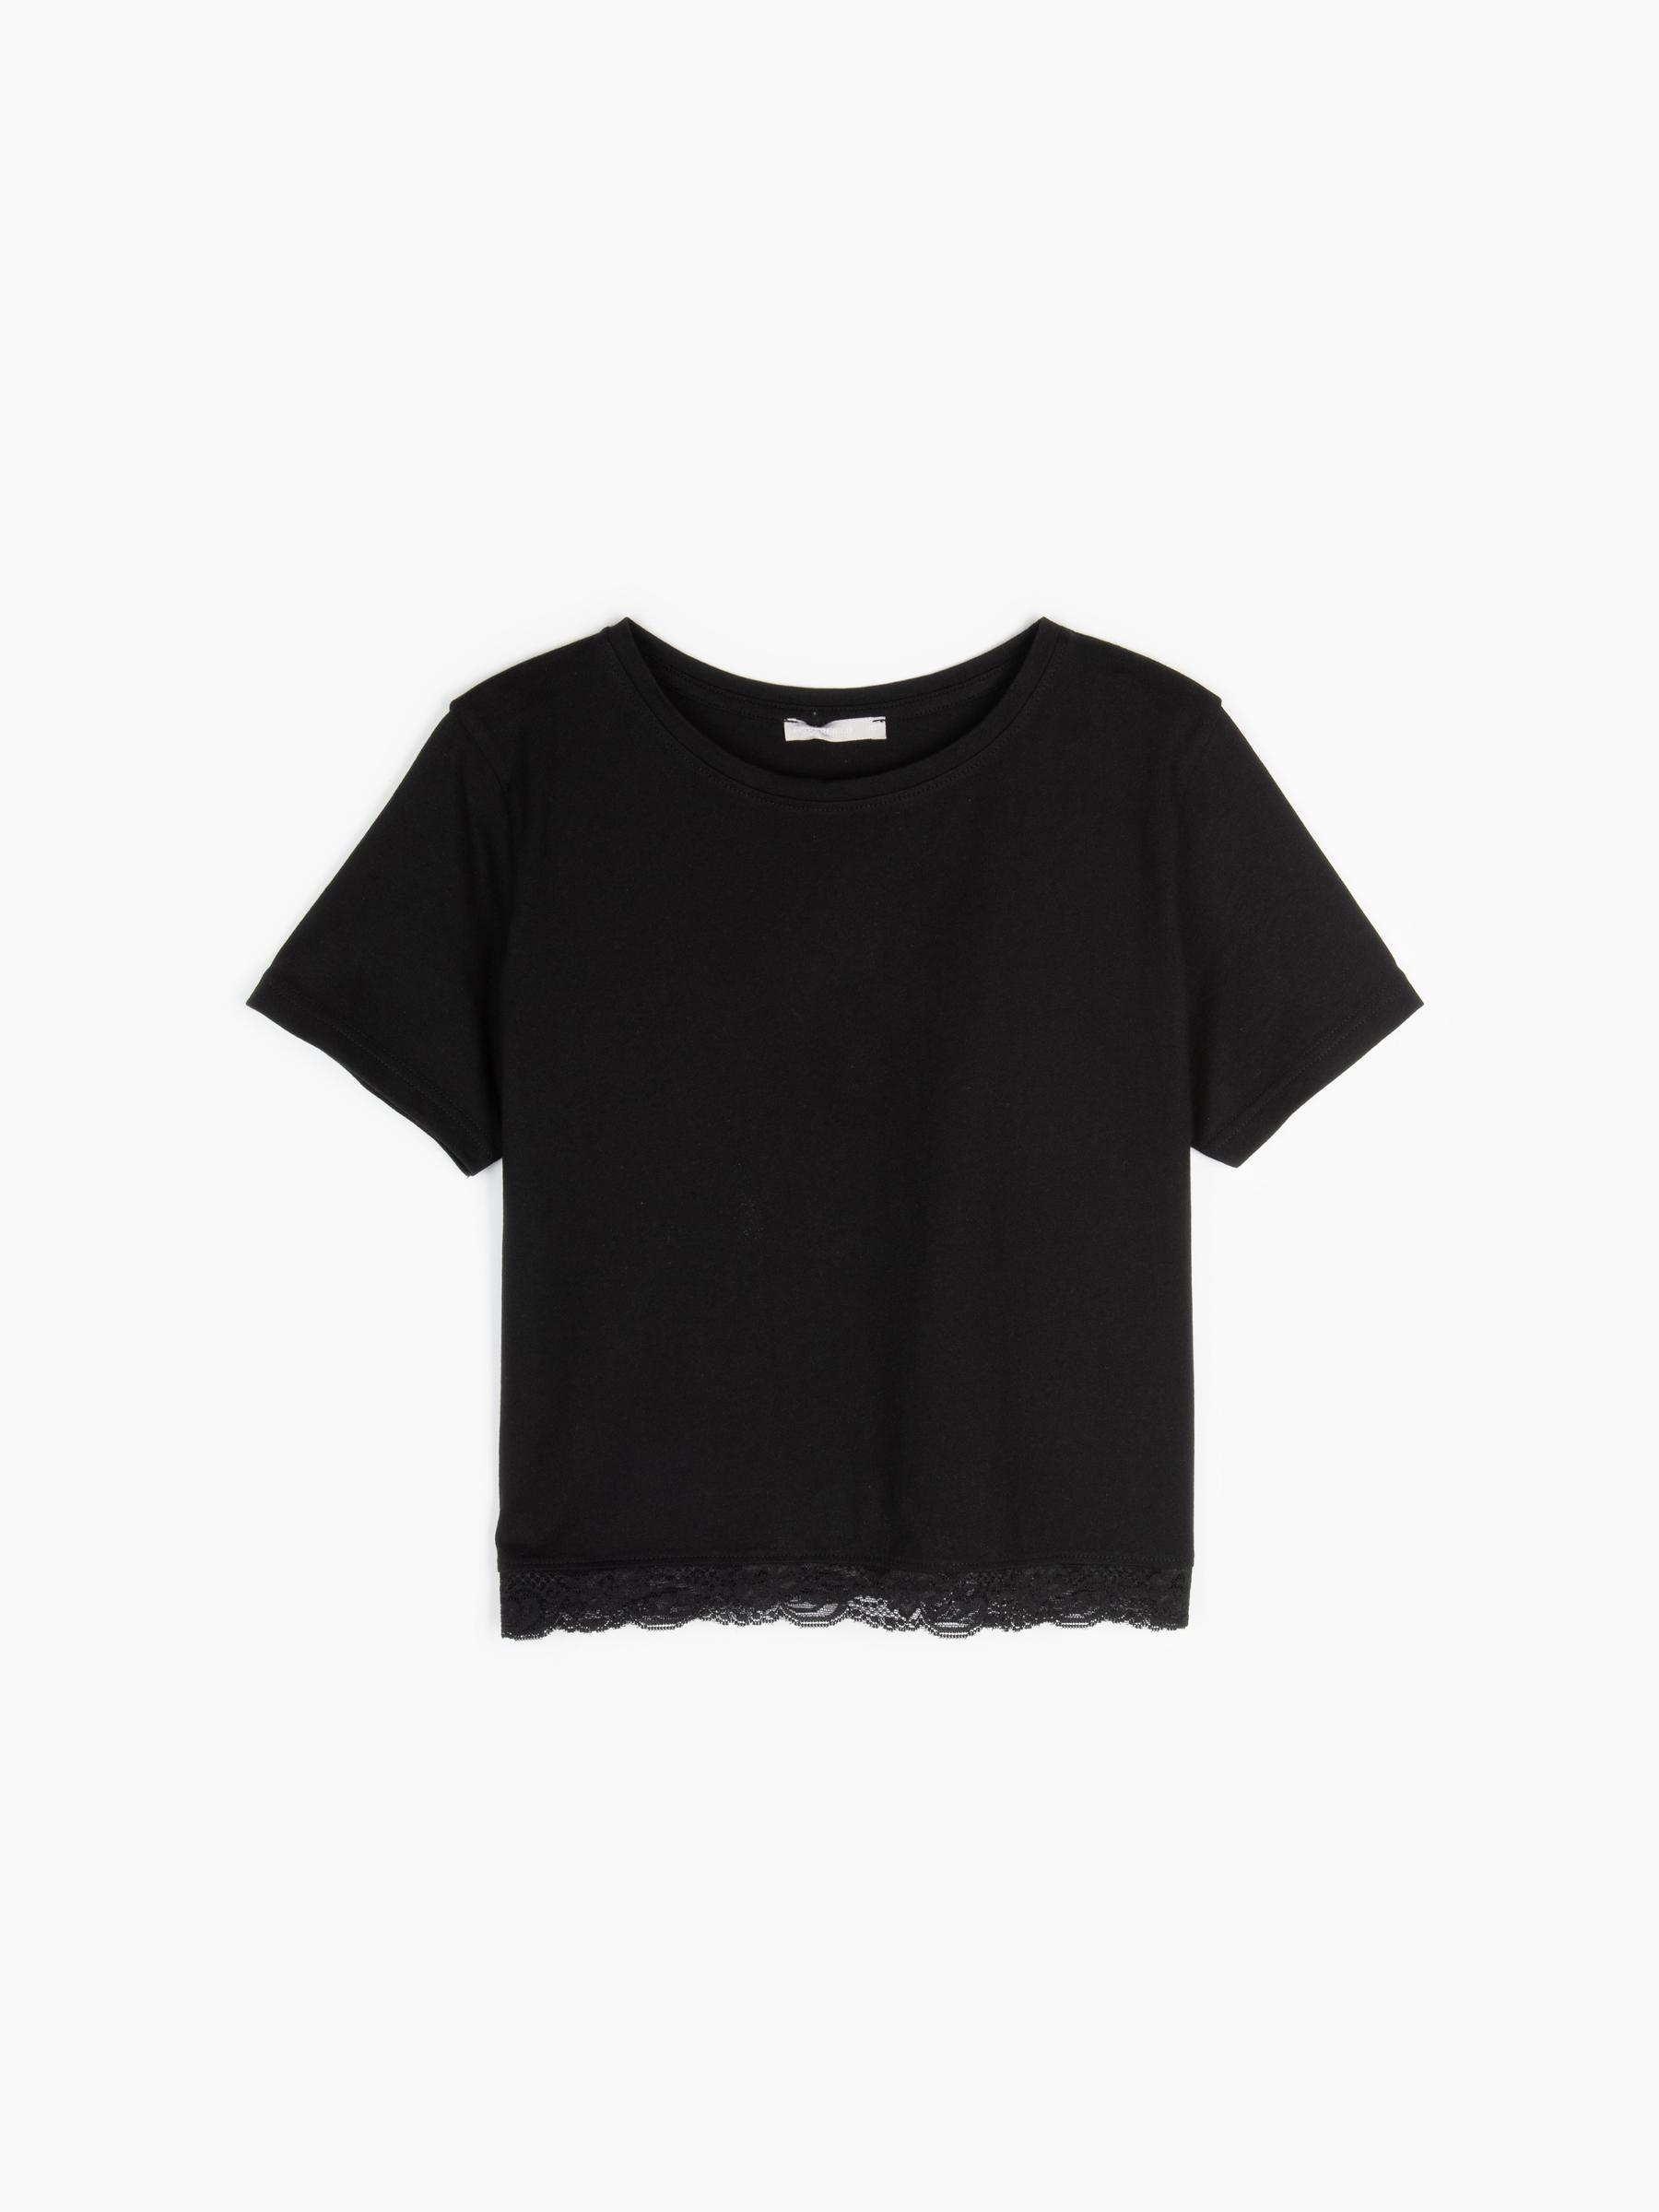 GATE Krátke bavlnené tričko s čipkou